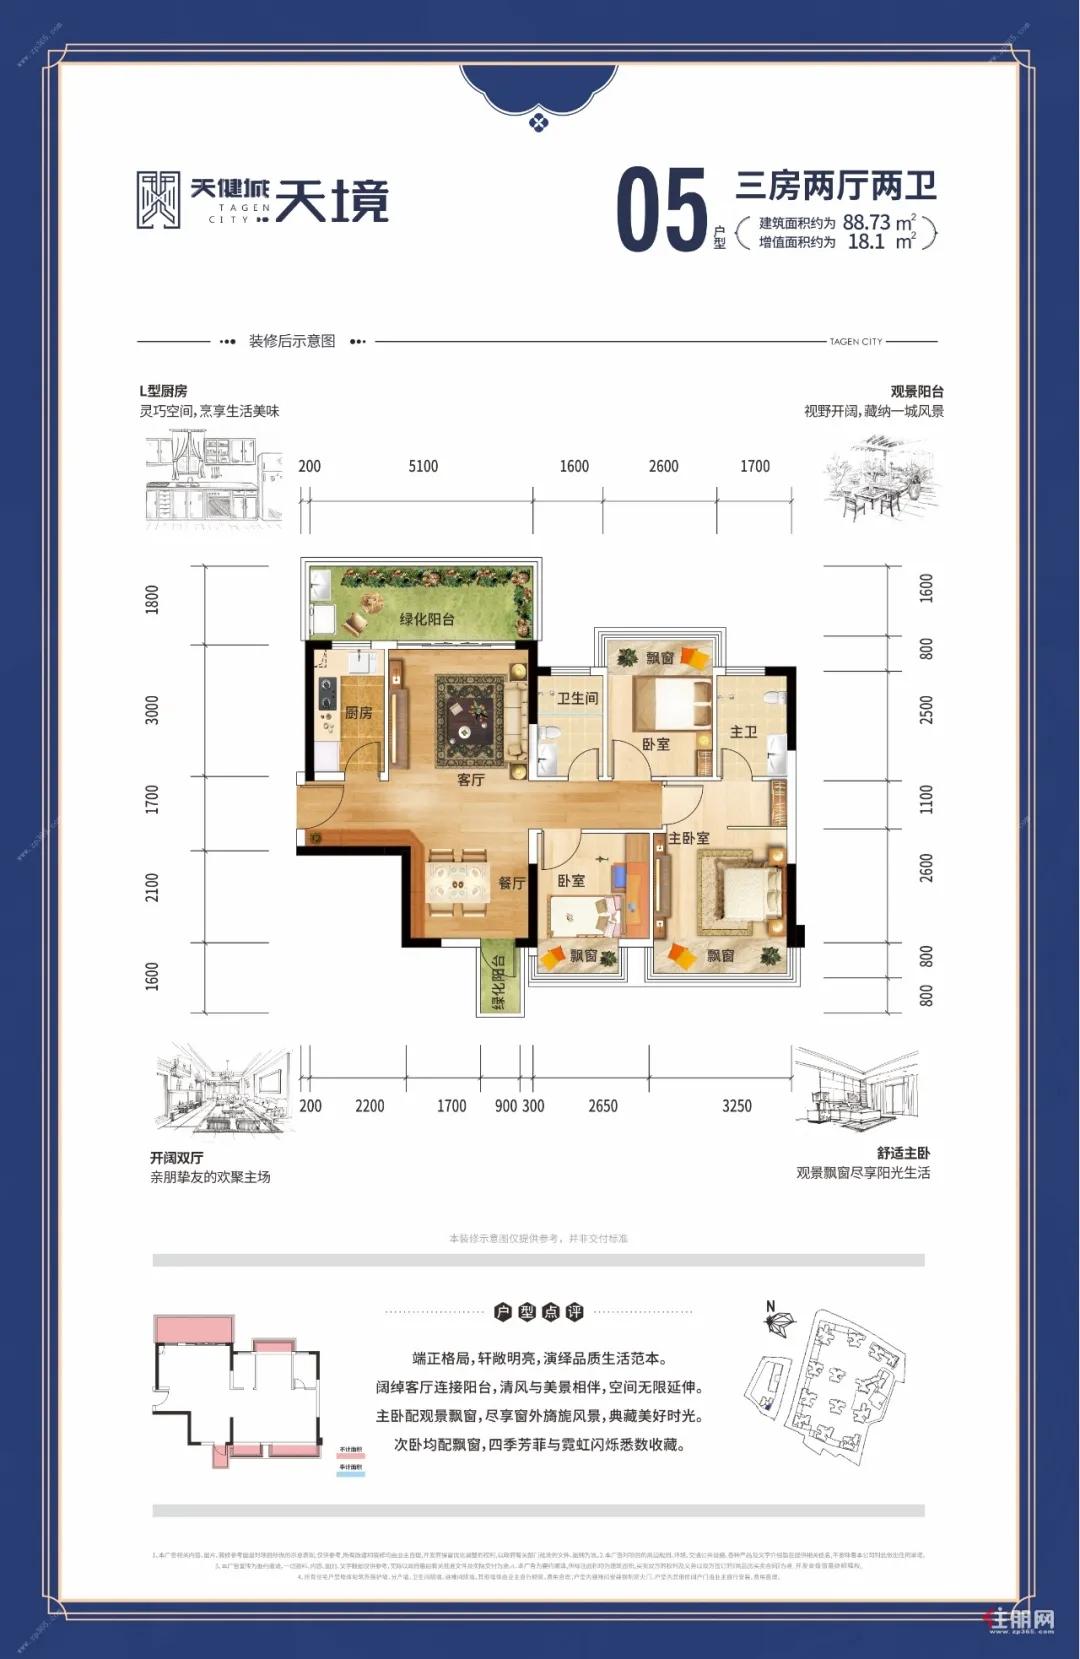 约88㎡户型图.webp.jpg